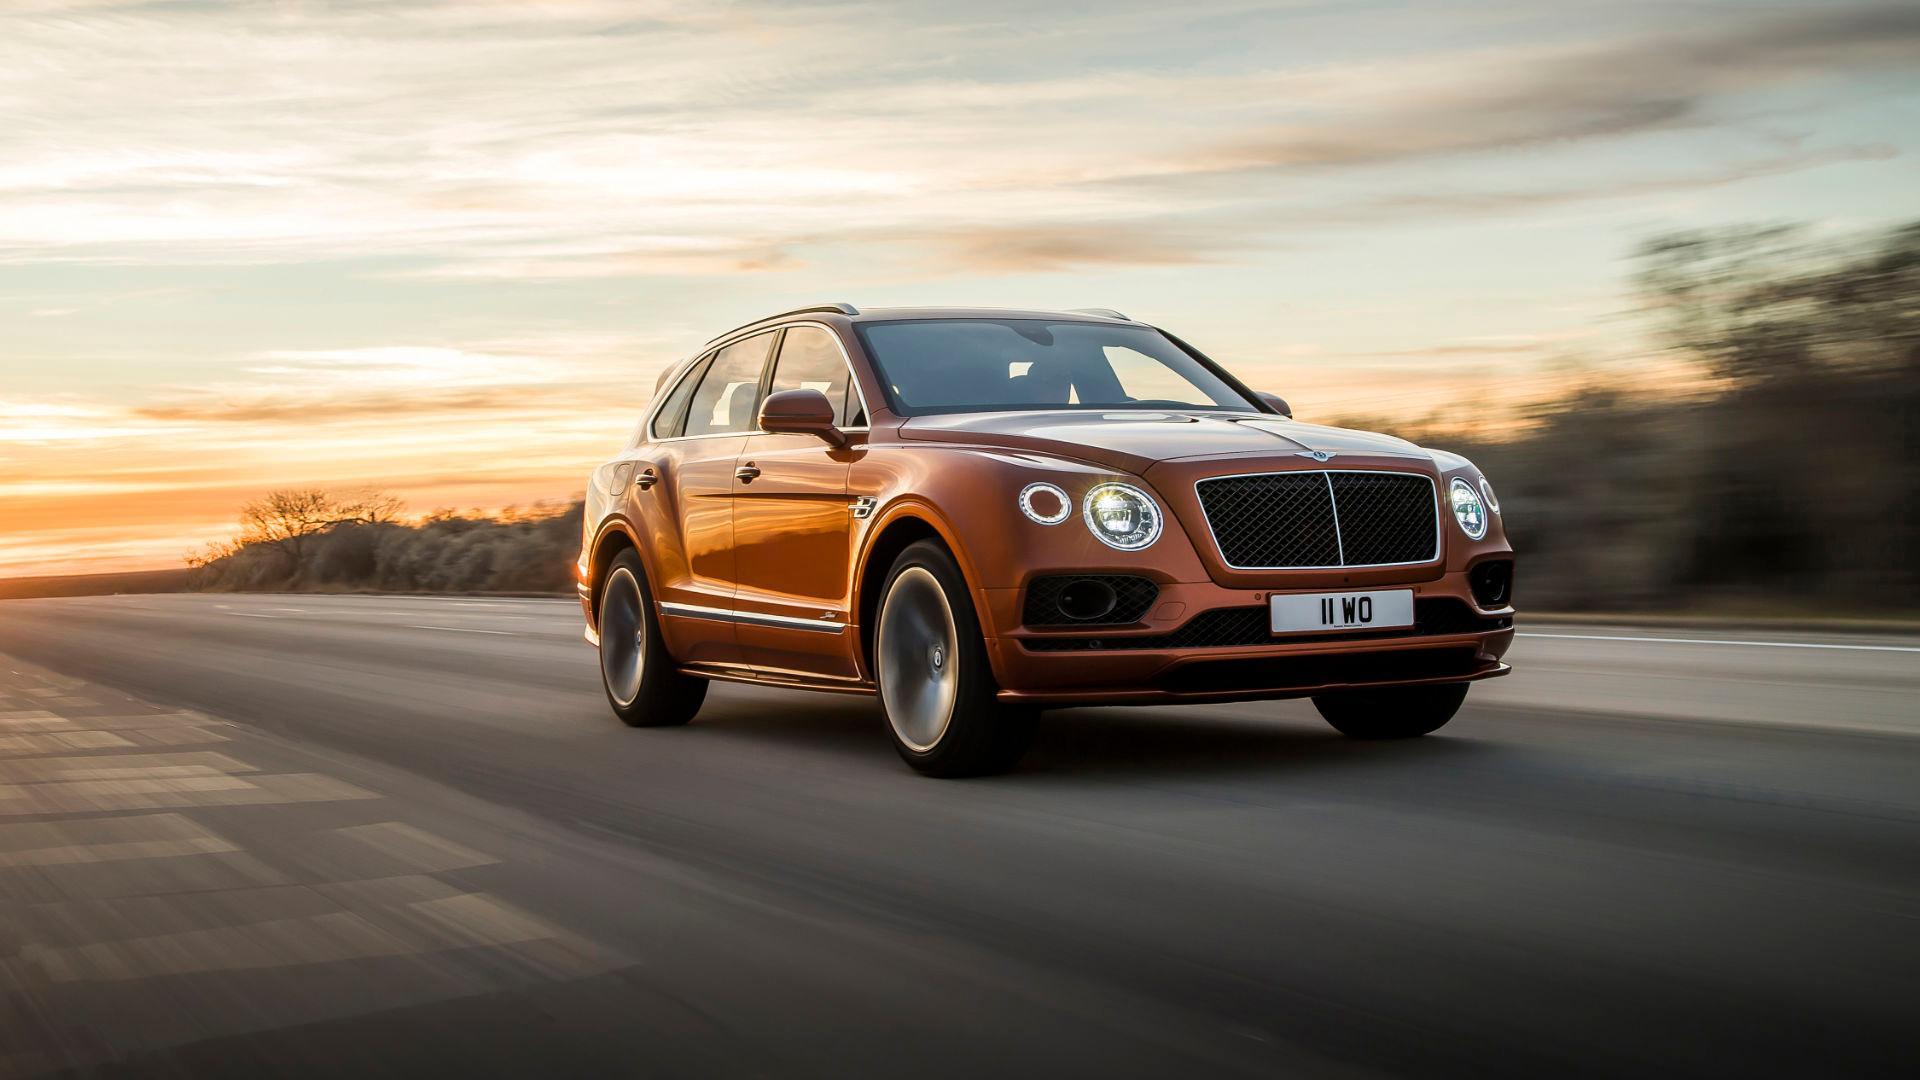 Bentley Bentayga Review: How Good Is Bentley's First SUV?